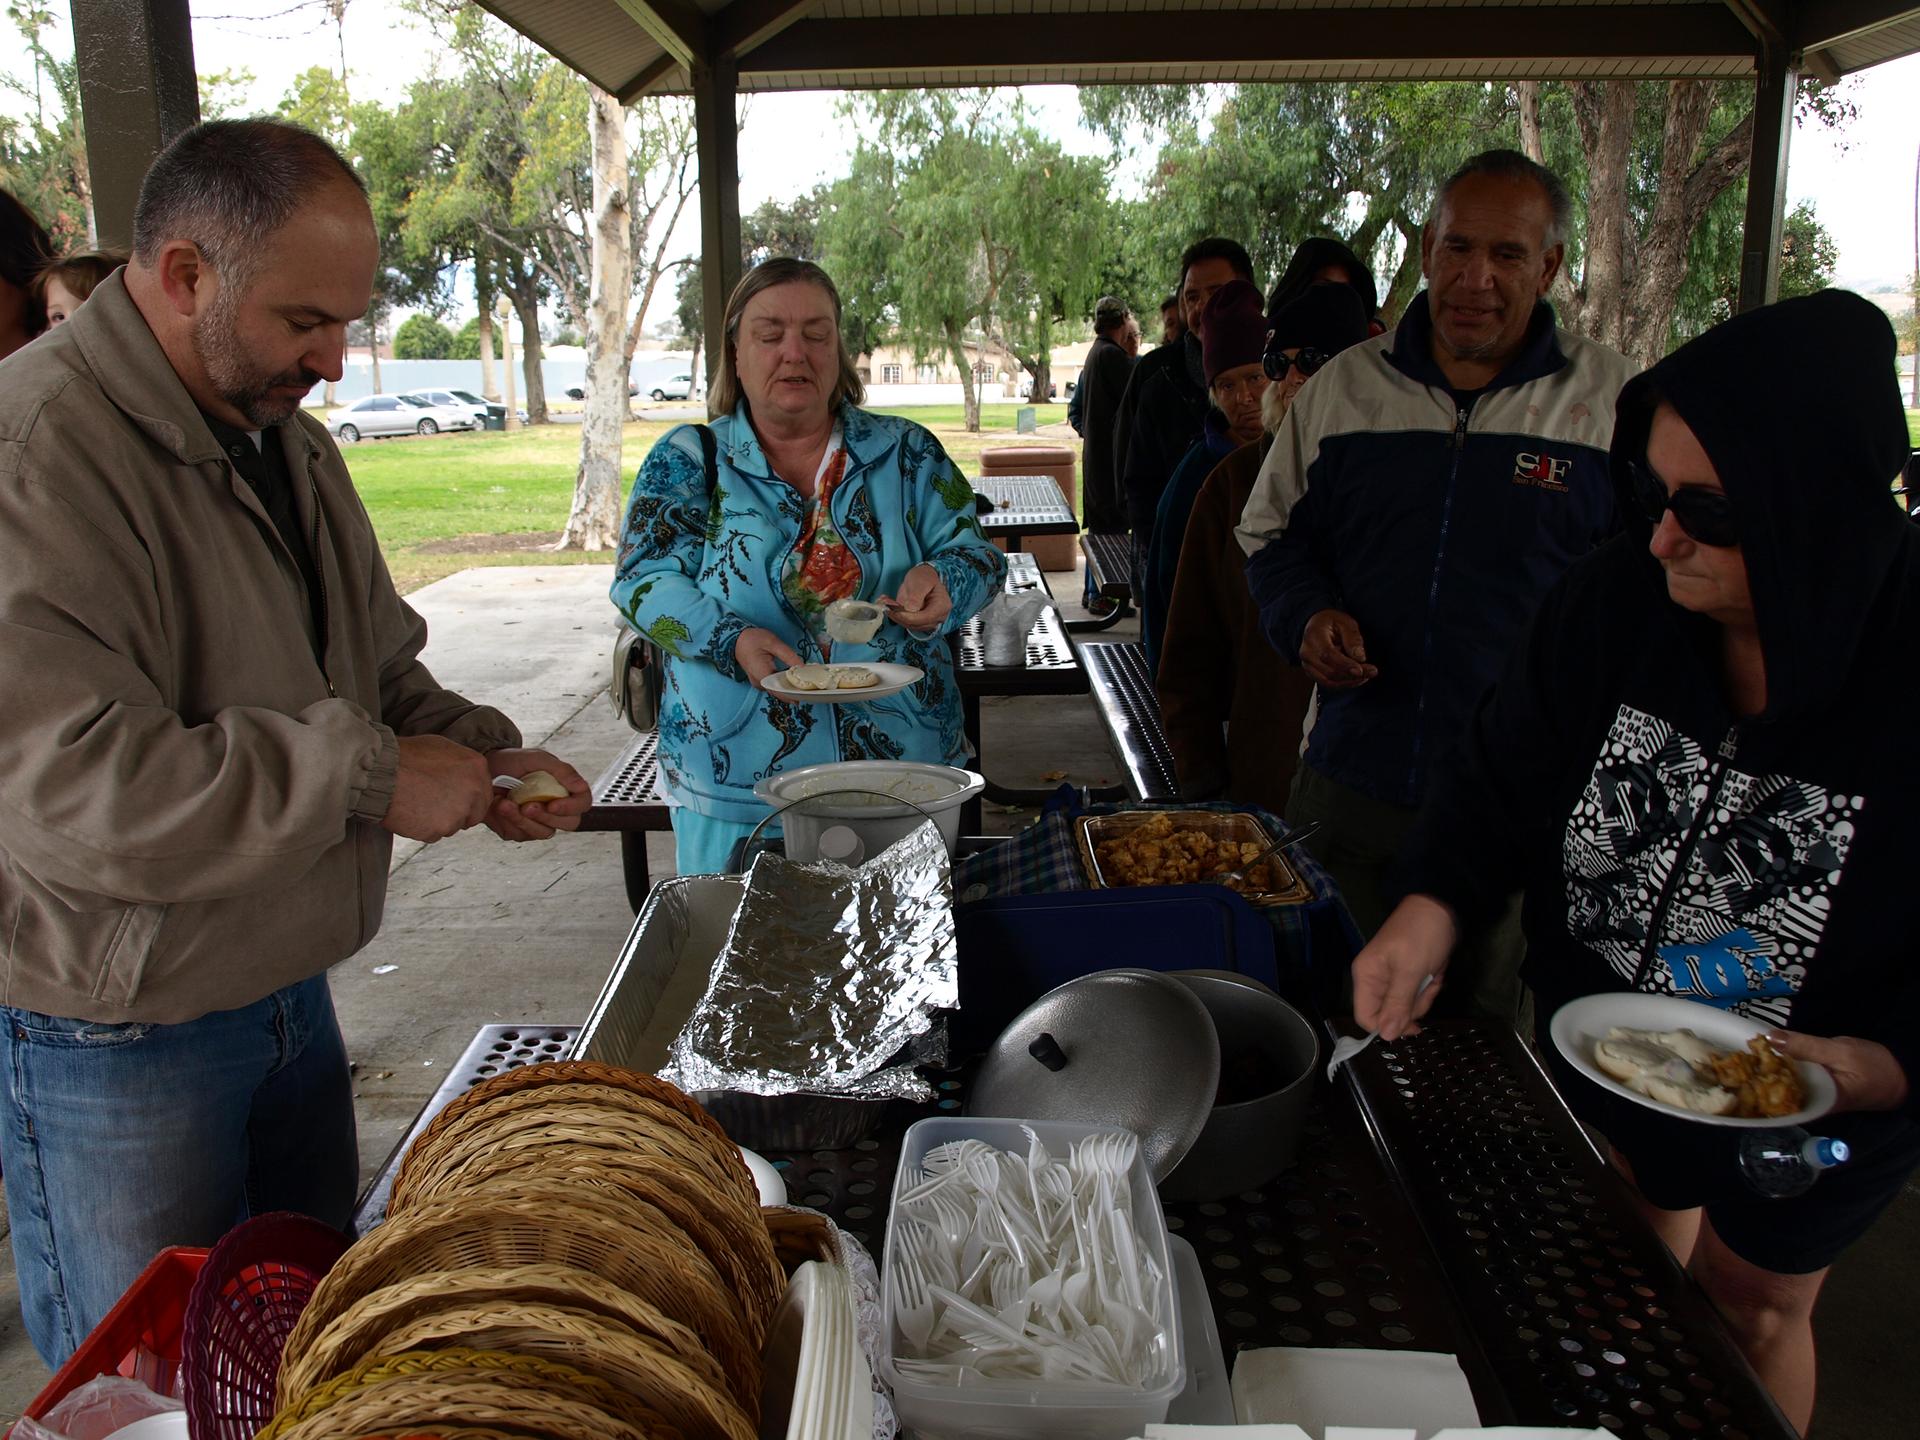 Galeria 1 składa się zdwóch zdjęć. Zdjęcie po prawej. Słoneczny dzień wparku. Kuchnia polowa. Na stołach kuchni duży czarny garnek zzupą, wpojemnikach jedzenie. Po prawej stronie kolejka osób. pierwsza osoba nabiera jedzenie na talerz.